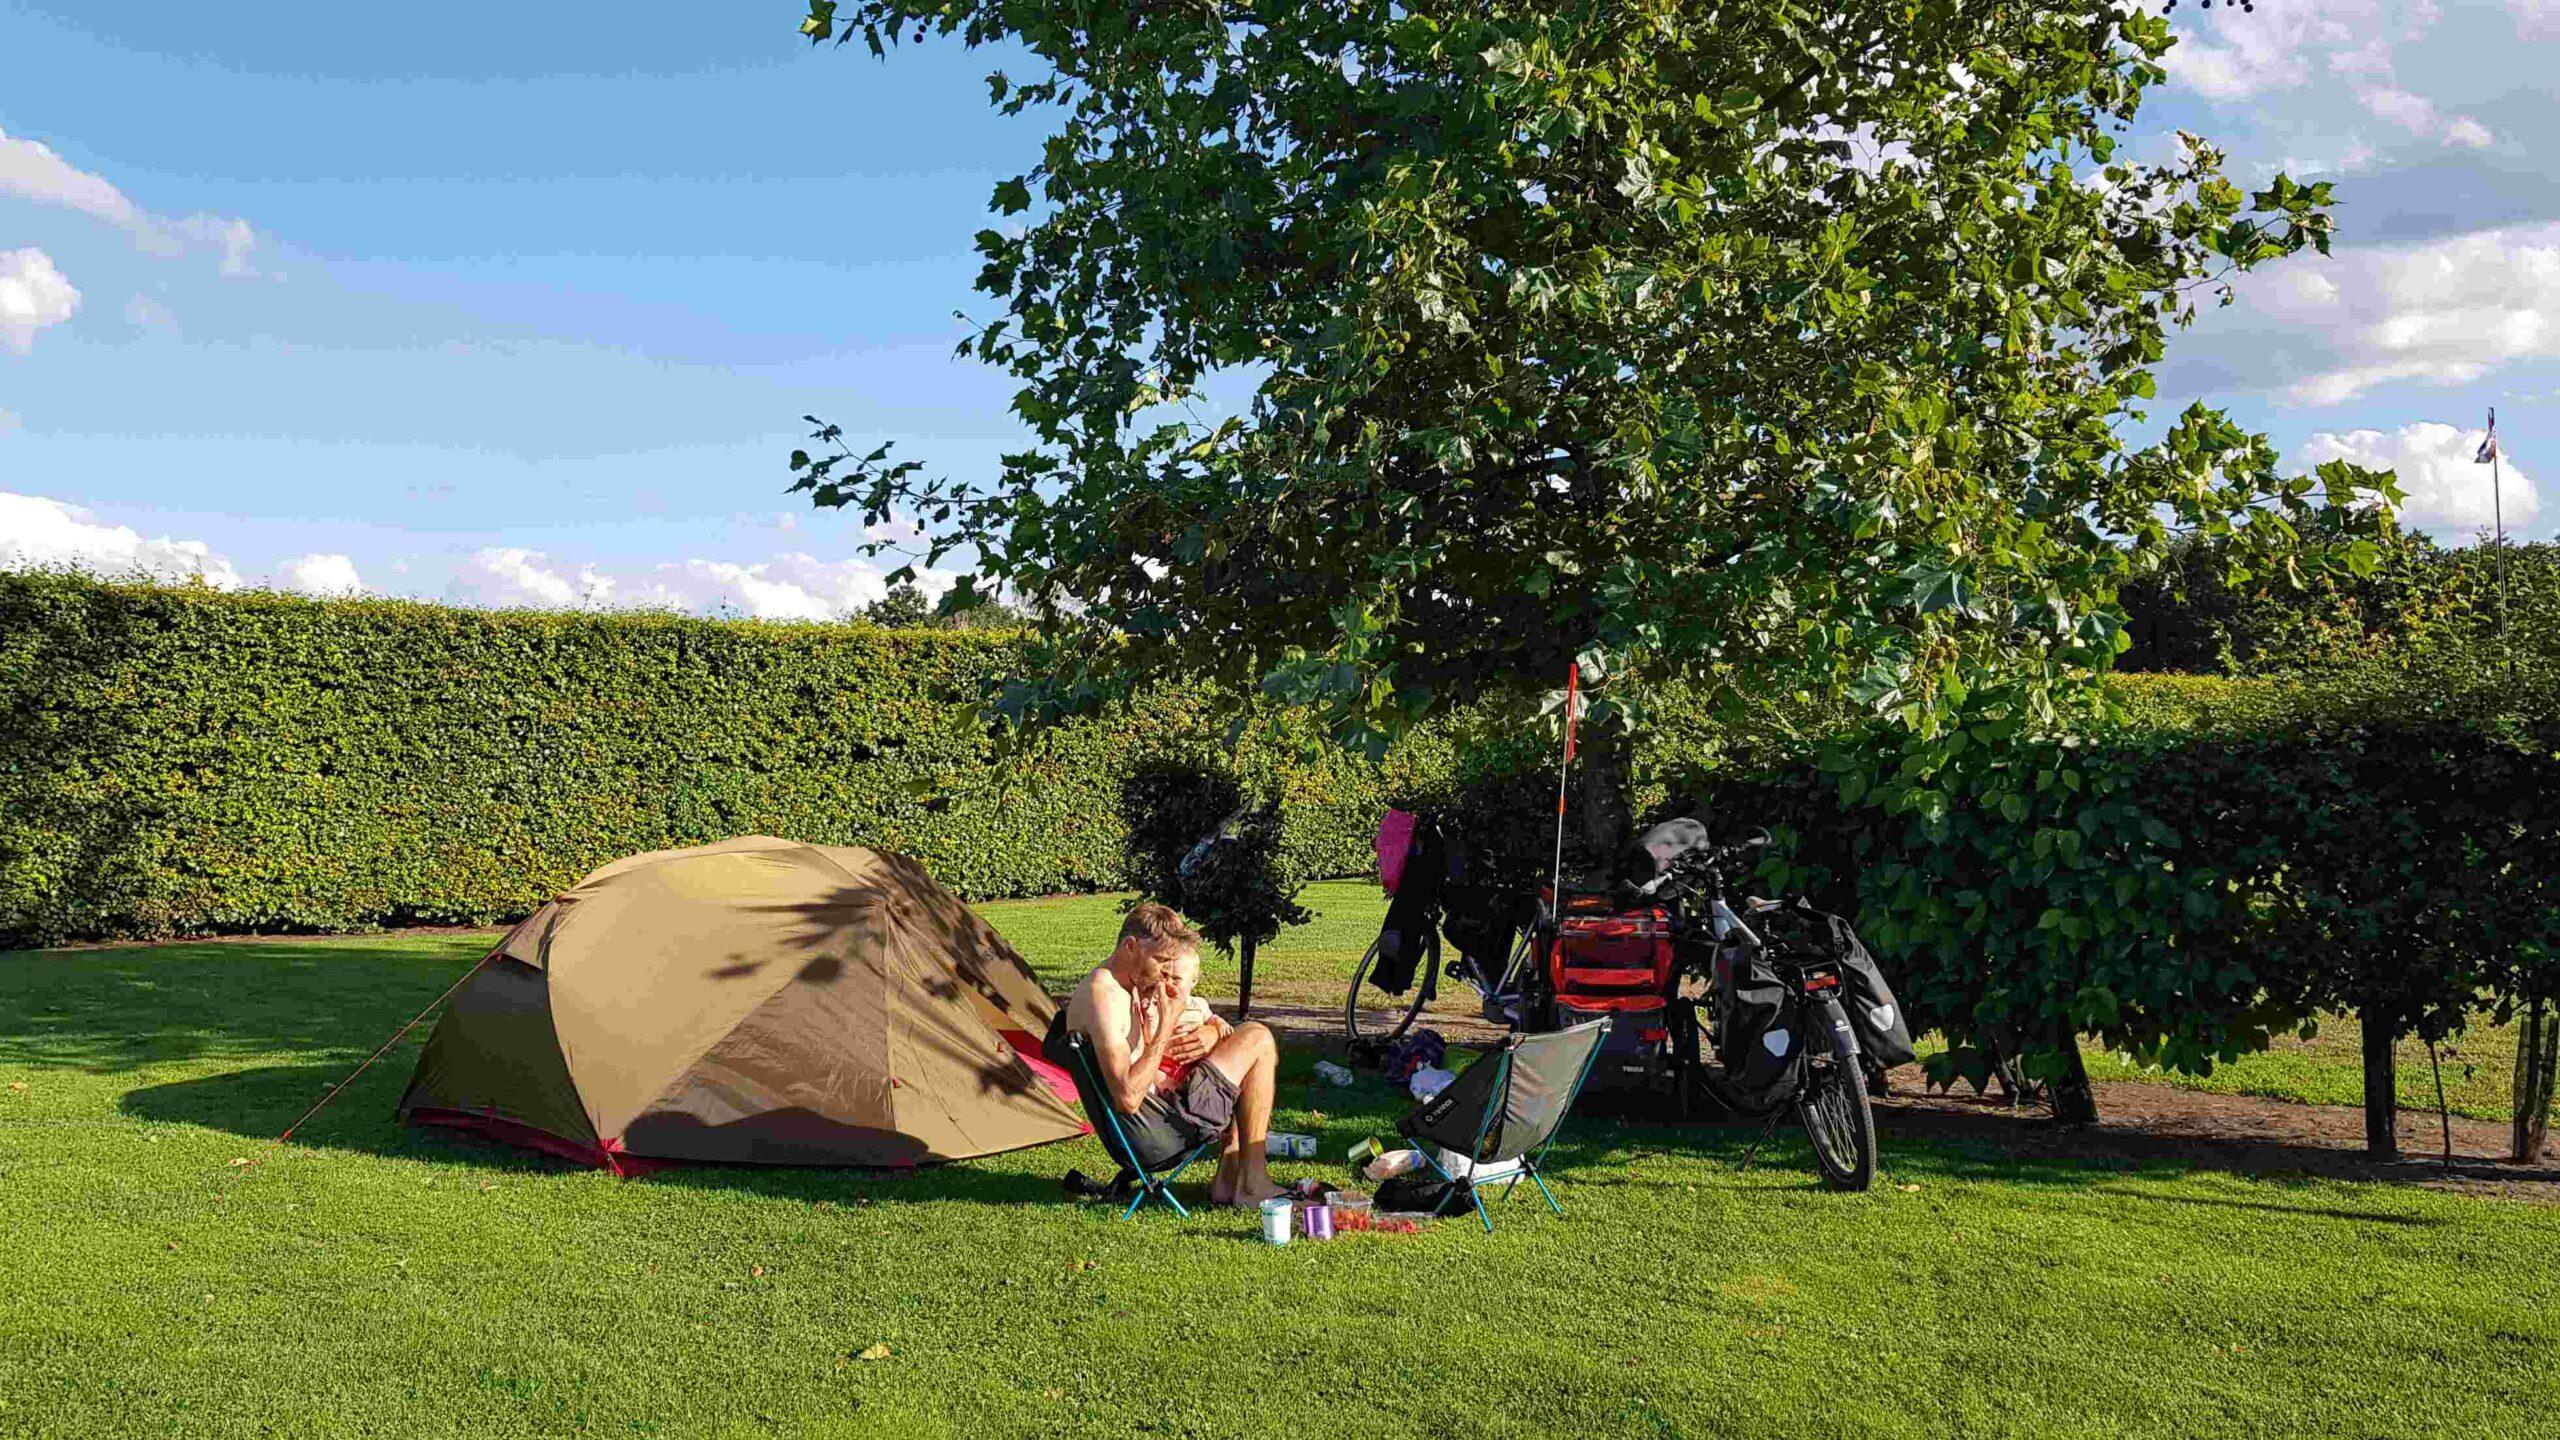 Ronde-van-Nederland-op-de-fiets-camping-Mierlo